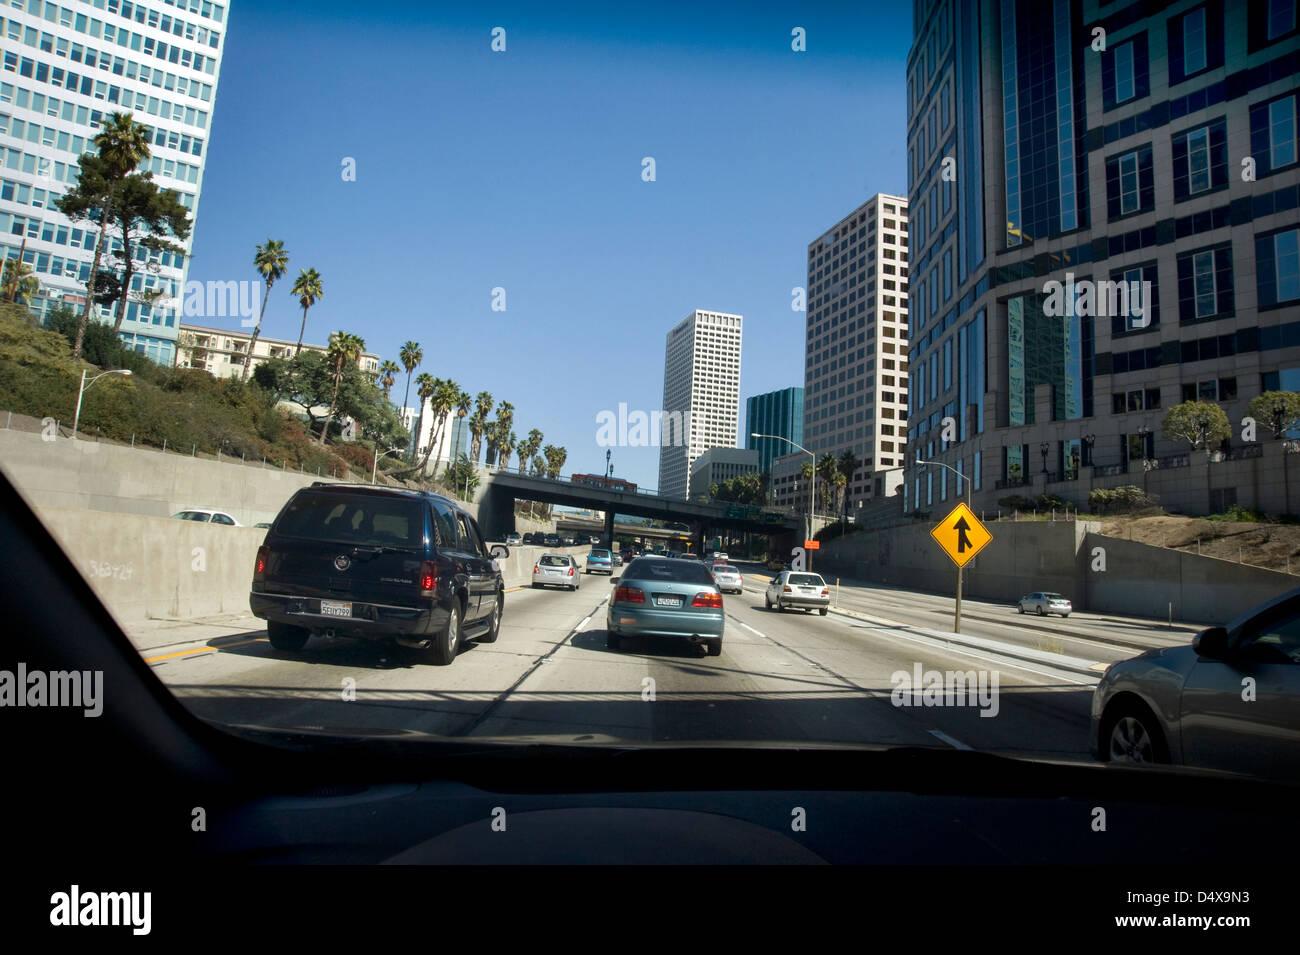 Vista di freeway in downtown Los Angeles attraverso il parabrezza della vettura Immagini Stock